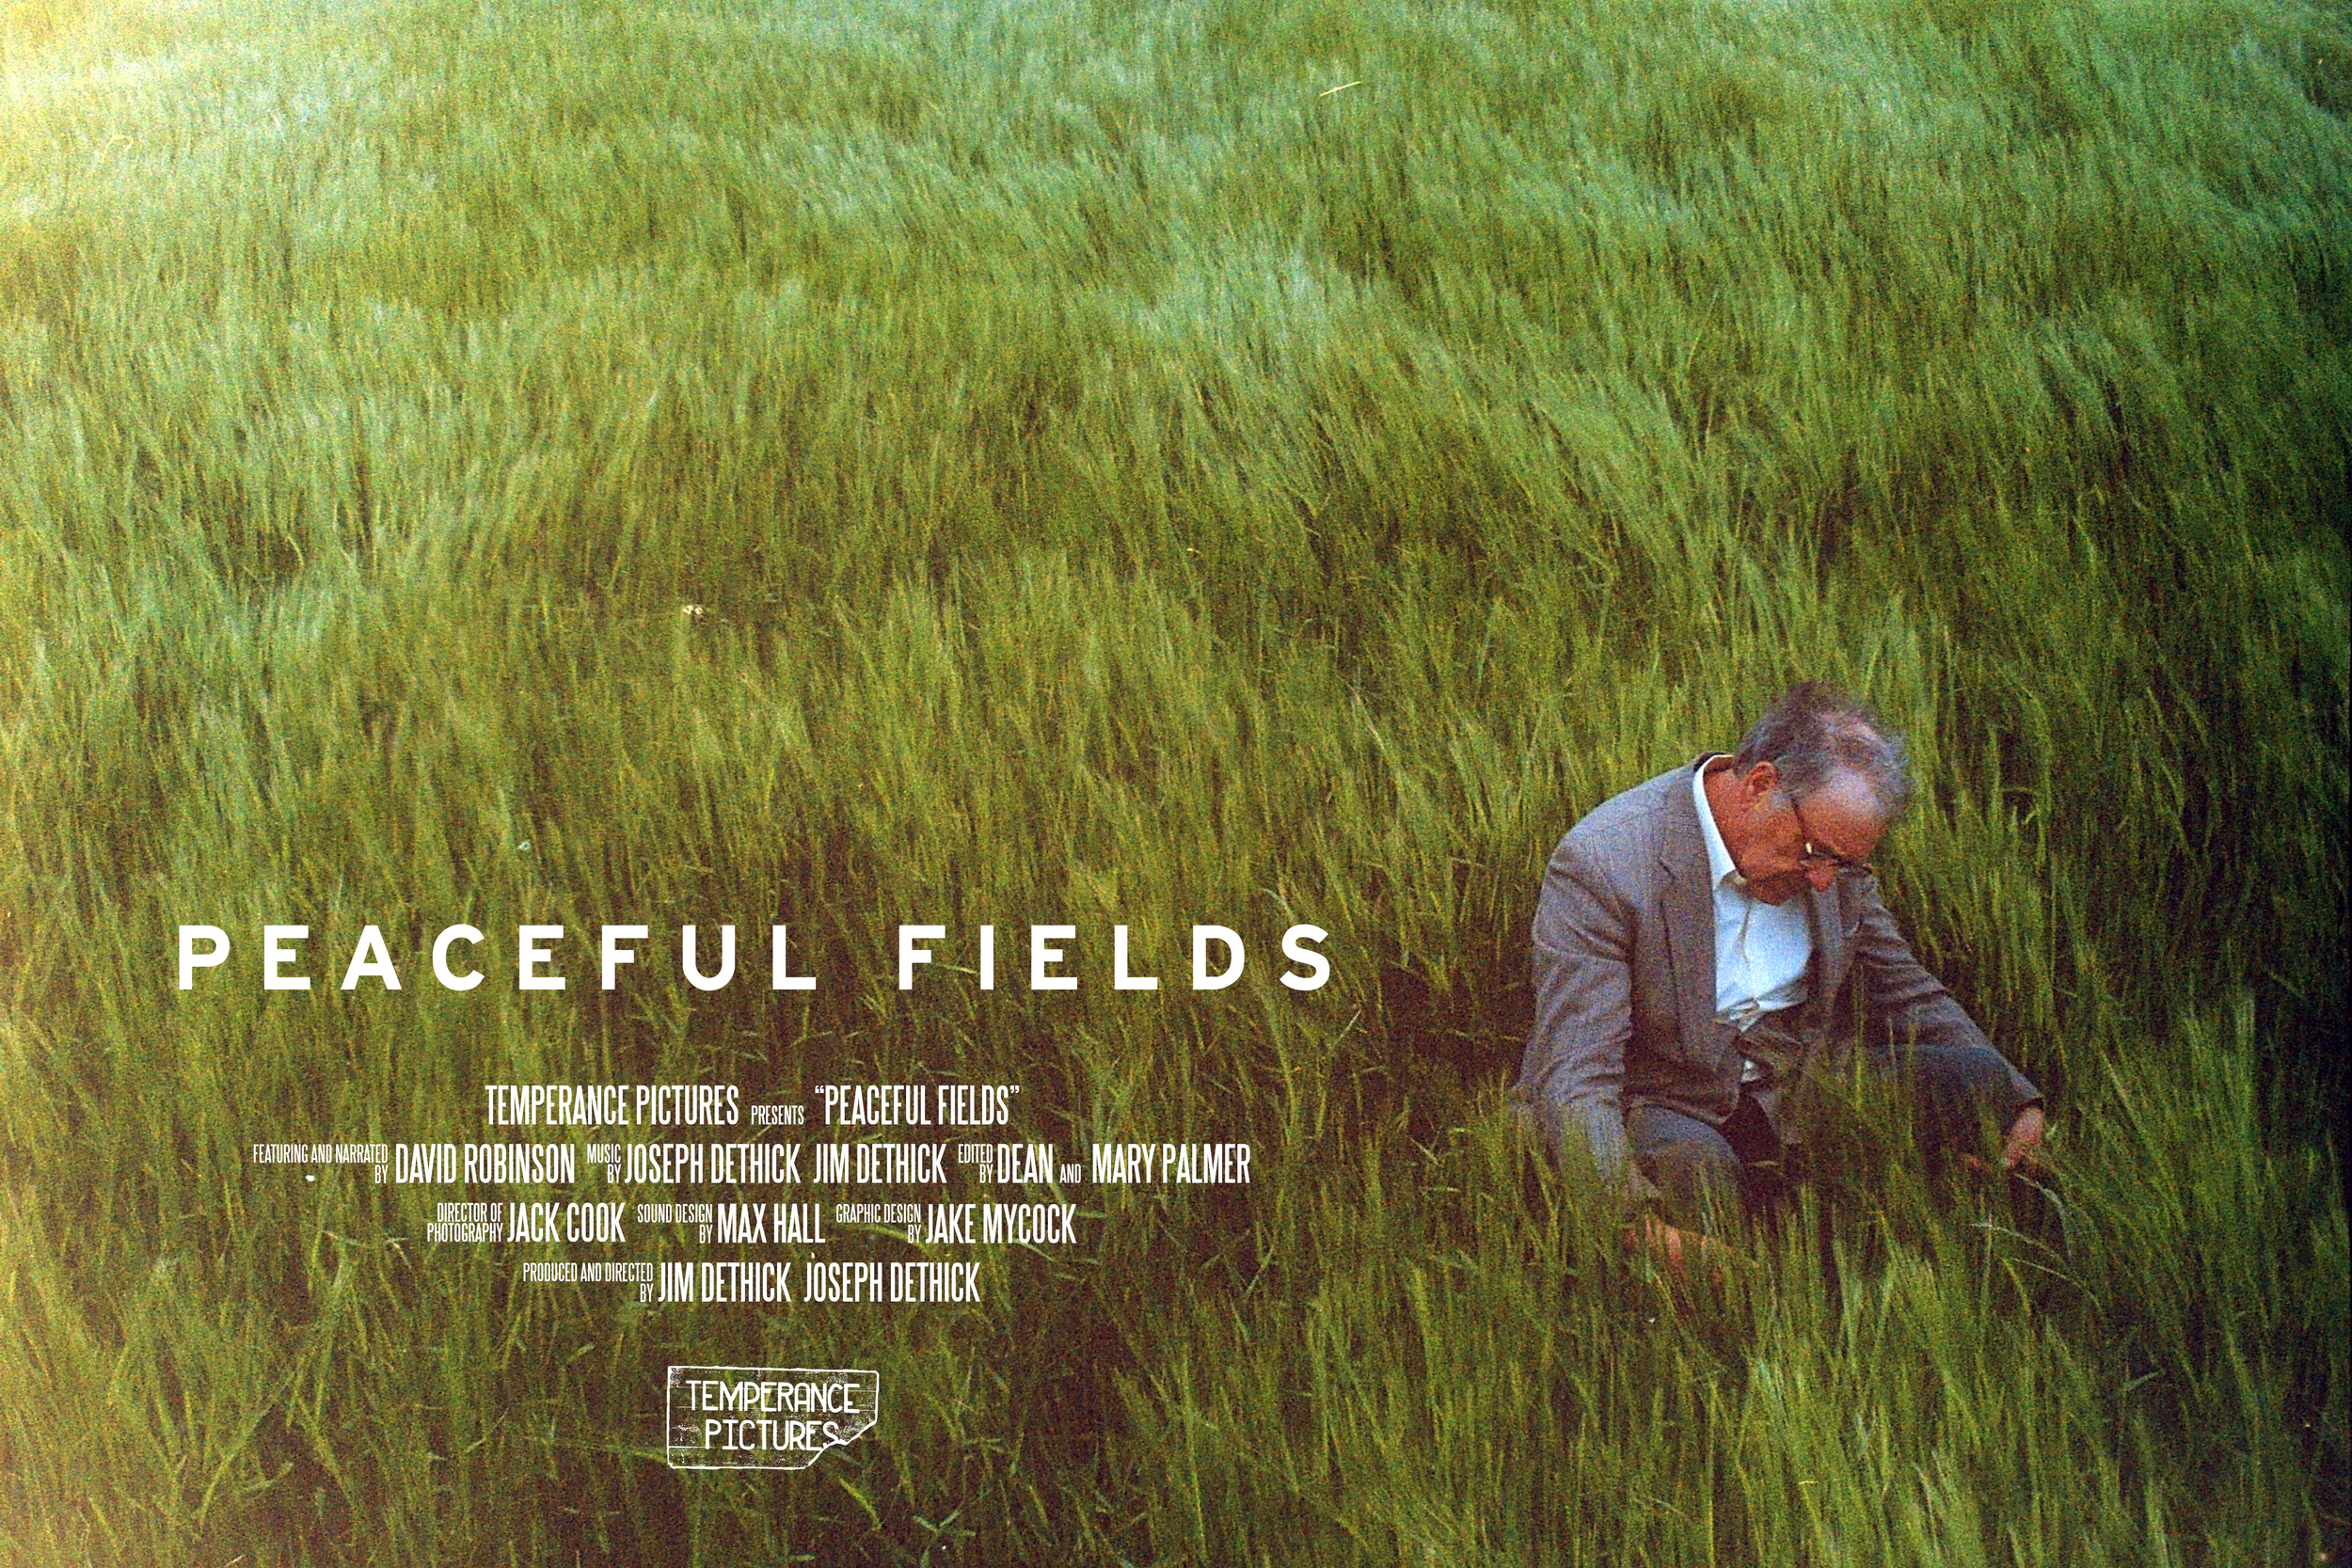 Dav Poster Vimeo.jpg